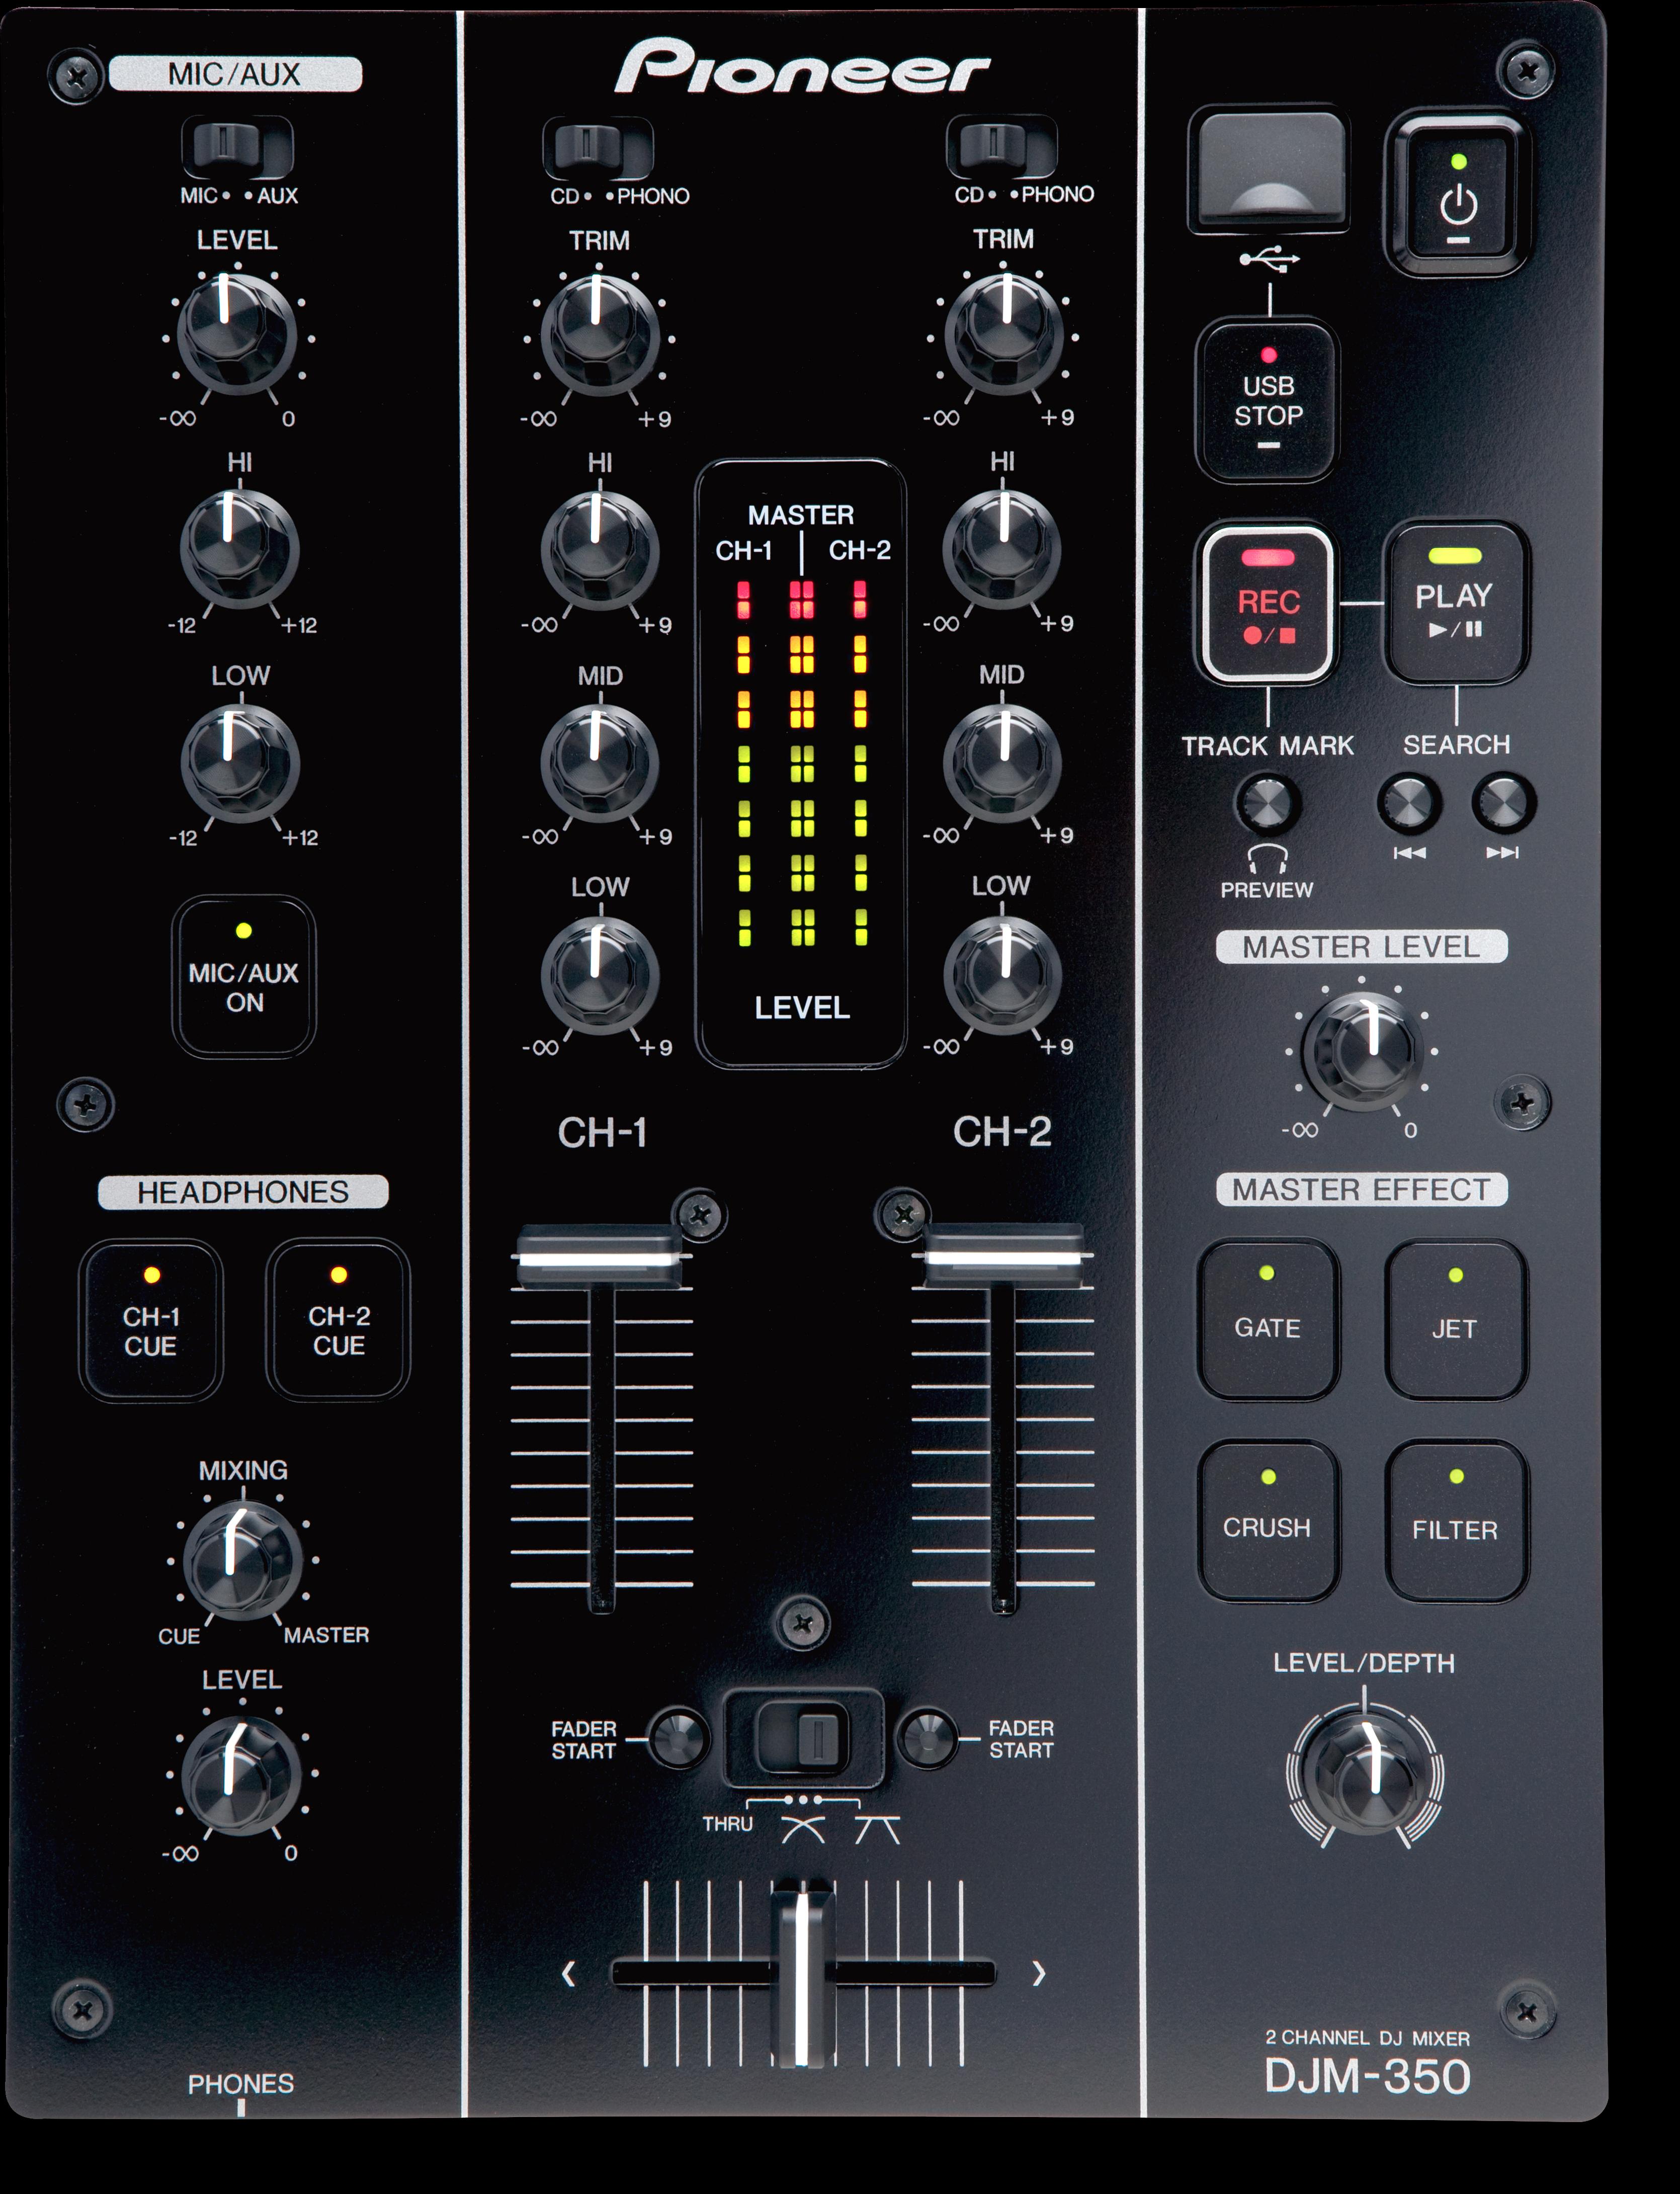 DJM-350 main